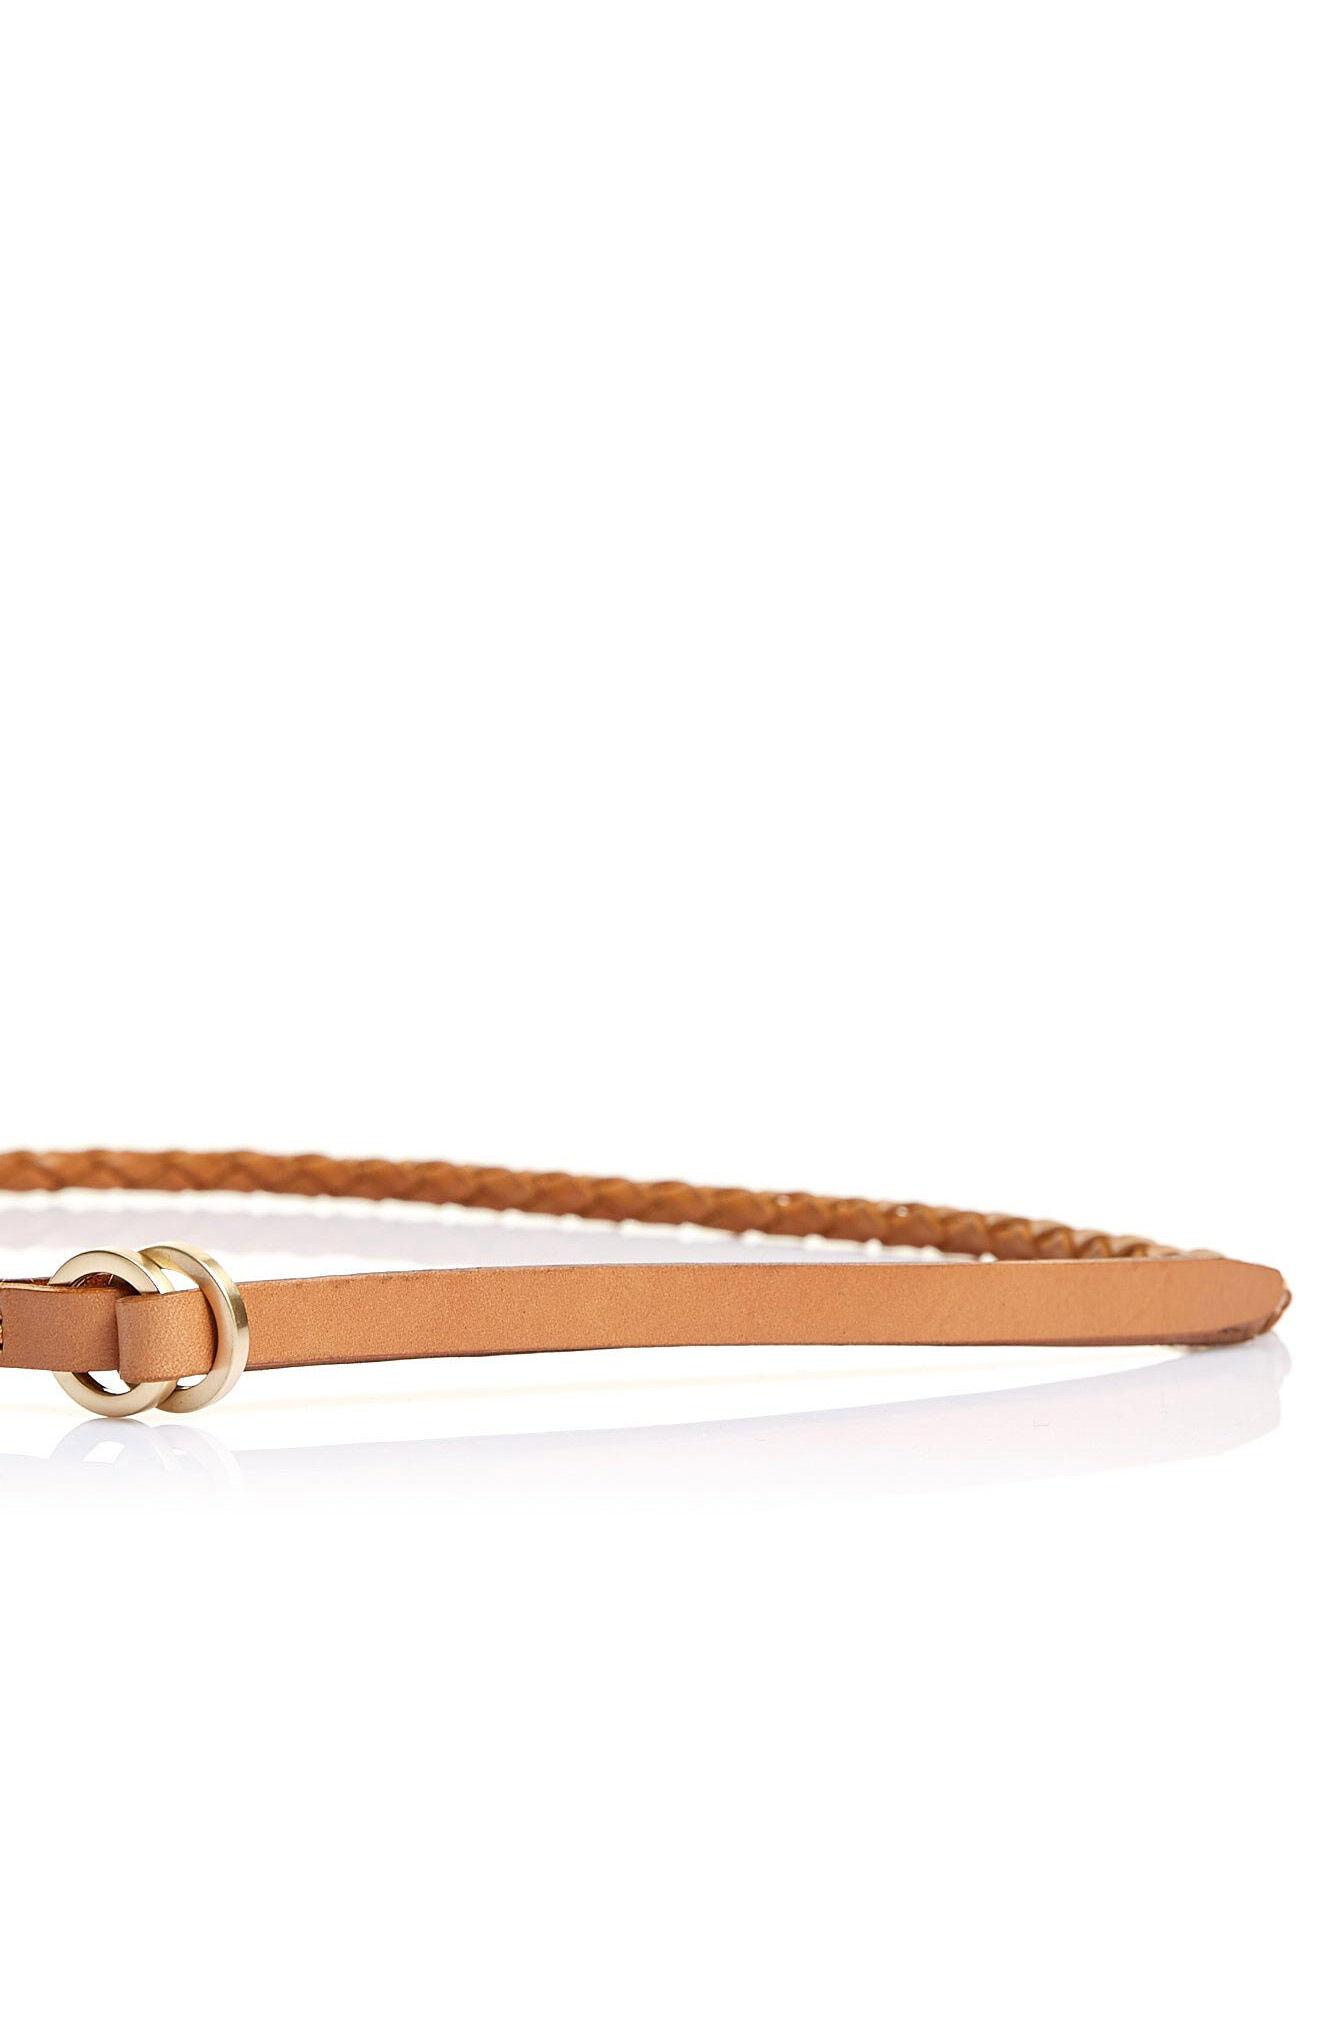 NEW-Sportscraft-WOMENS-Heidi-Leather-Belt-Belts